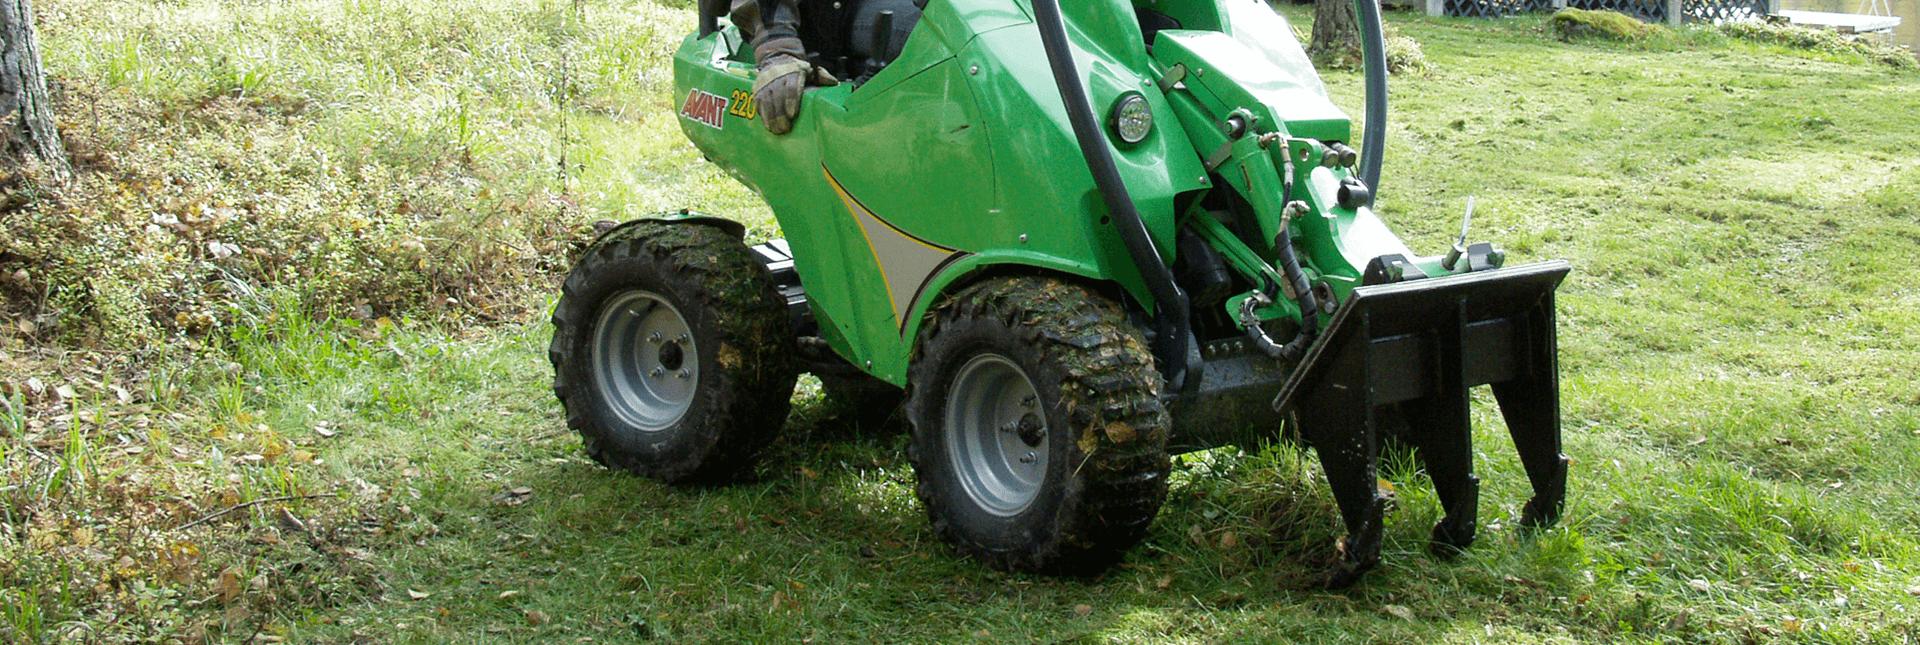 arbejdsbillede af grubber redskab til avant, beregnet til at fjerne rødder og løsne jord